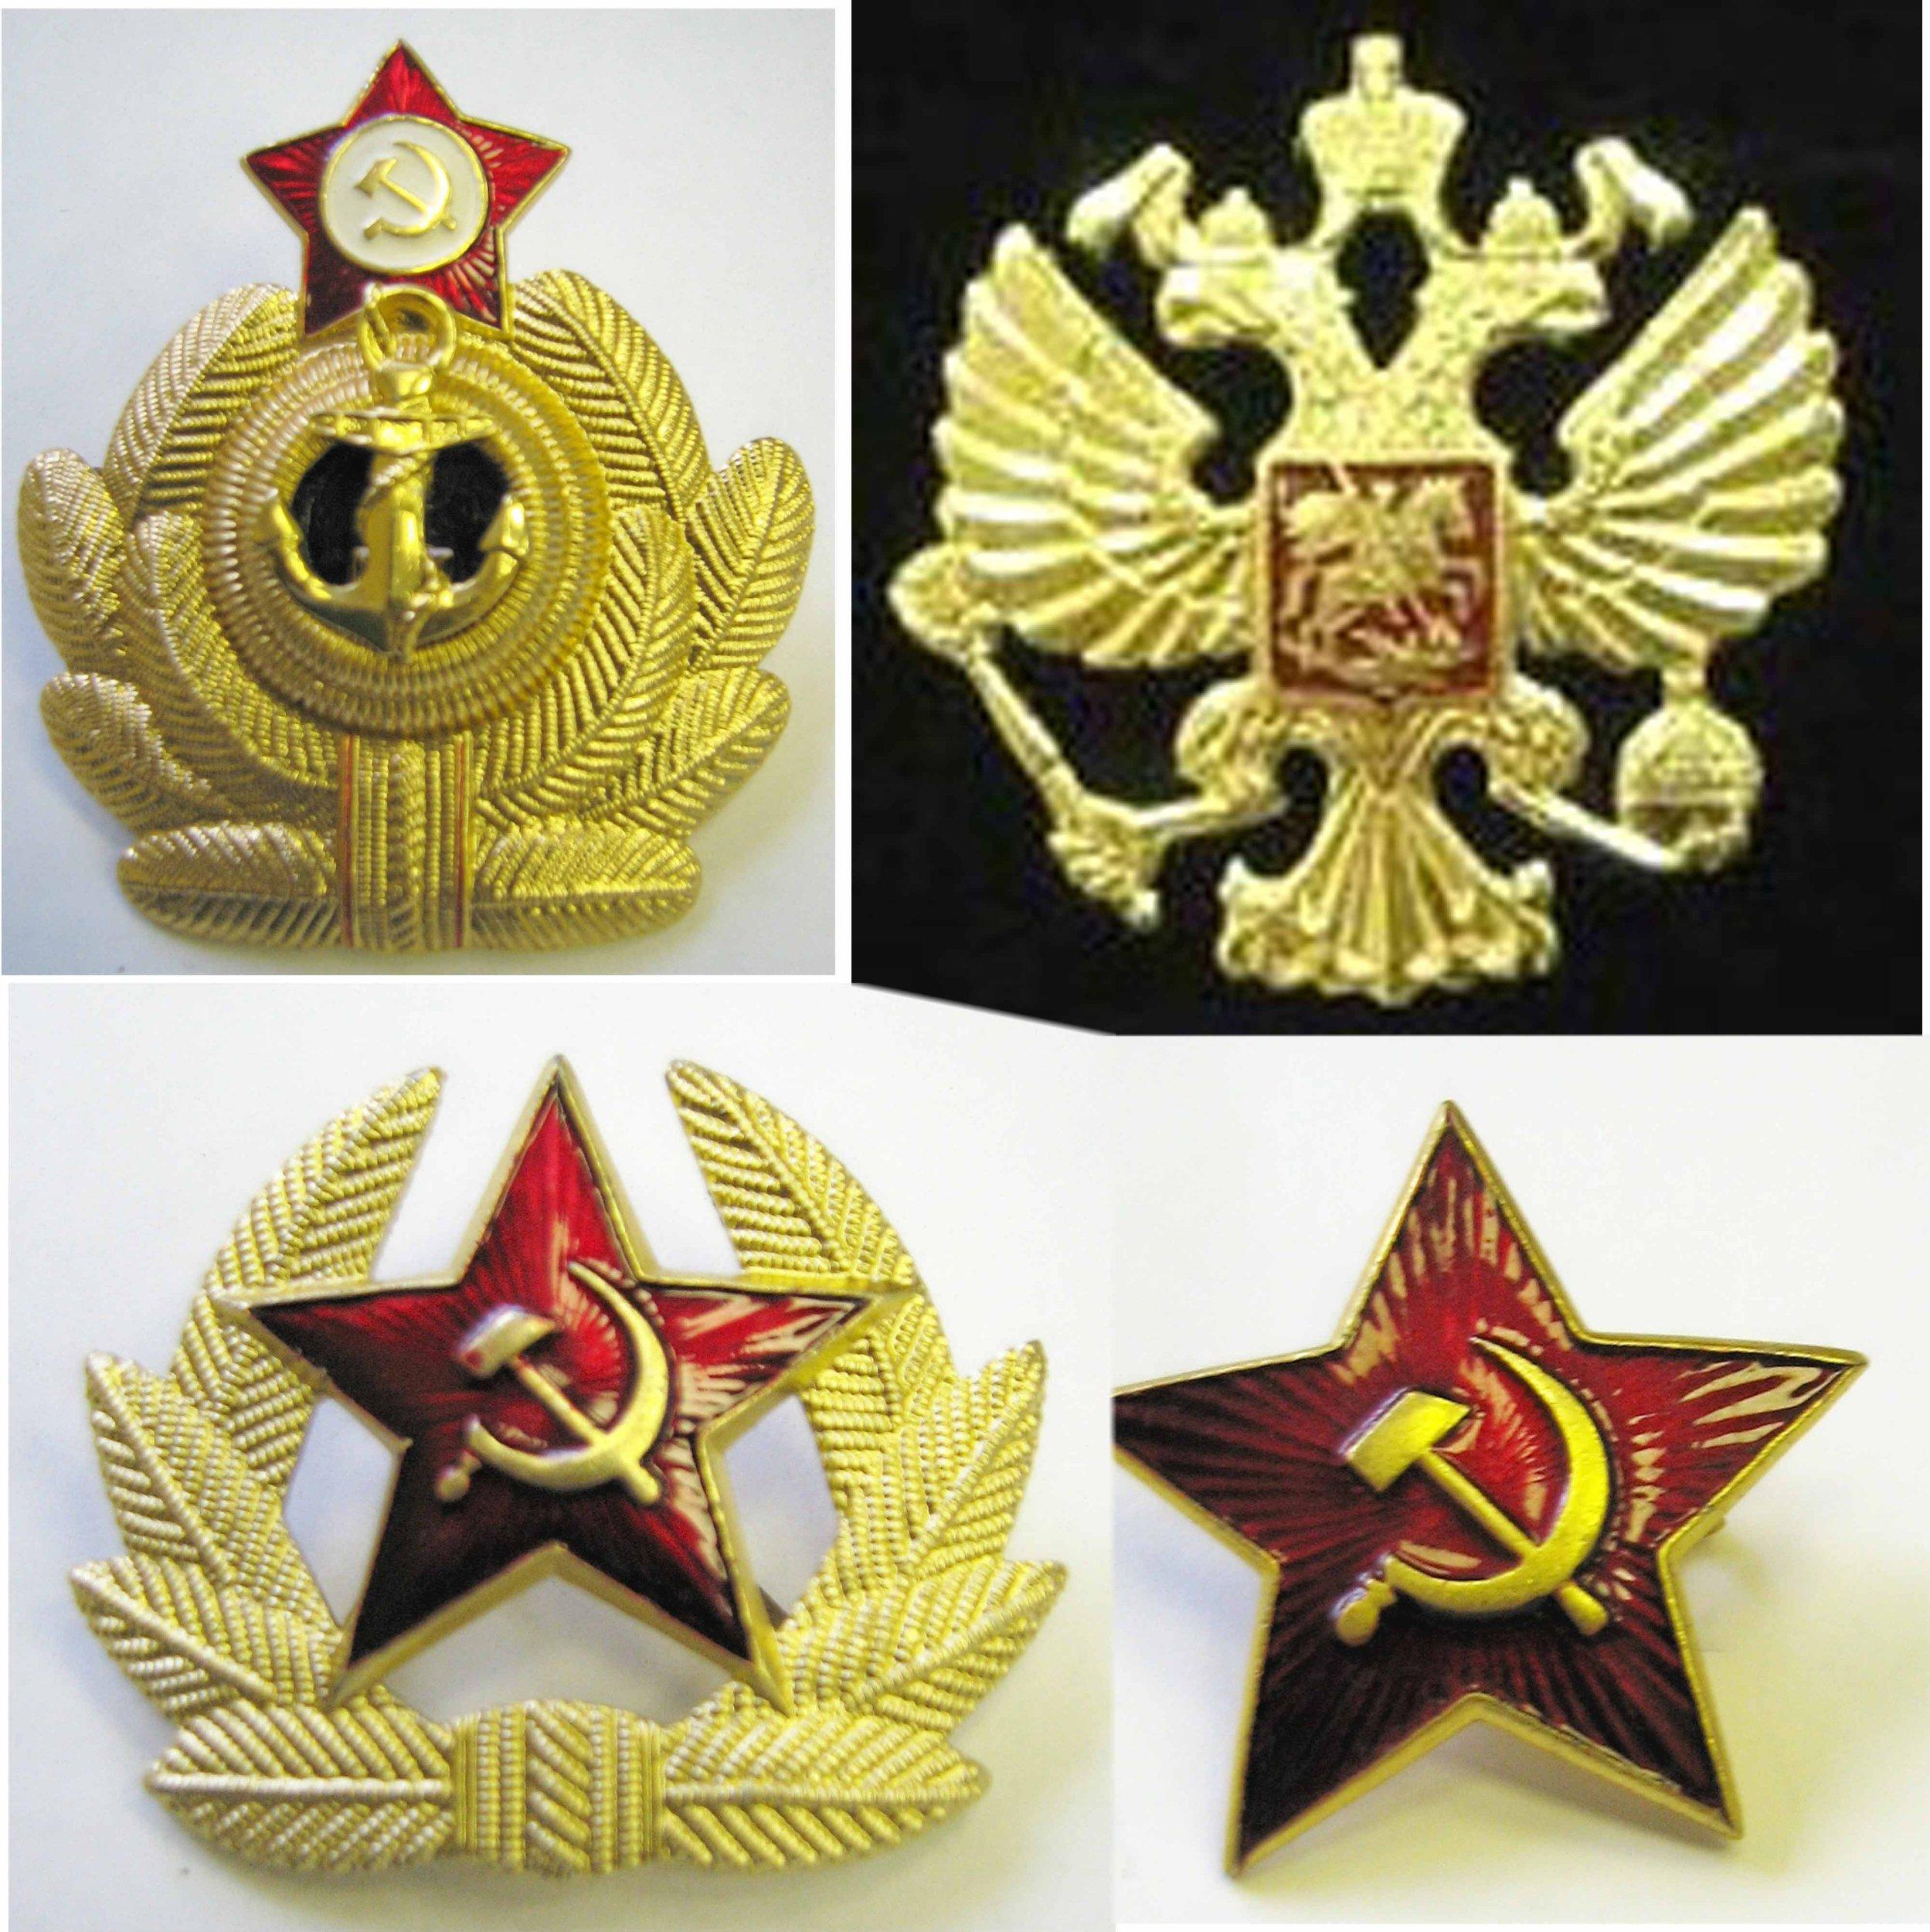 Russian Ussr Soviet 5 Badge Set Soviet Army, Soviet Eagle, 2 Smaller Red Stars, Anchor